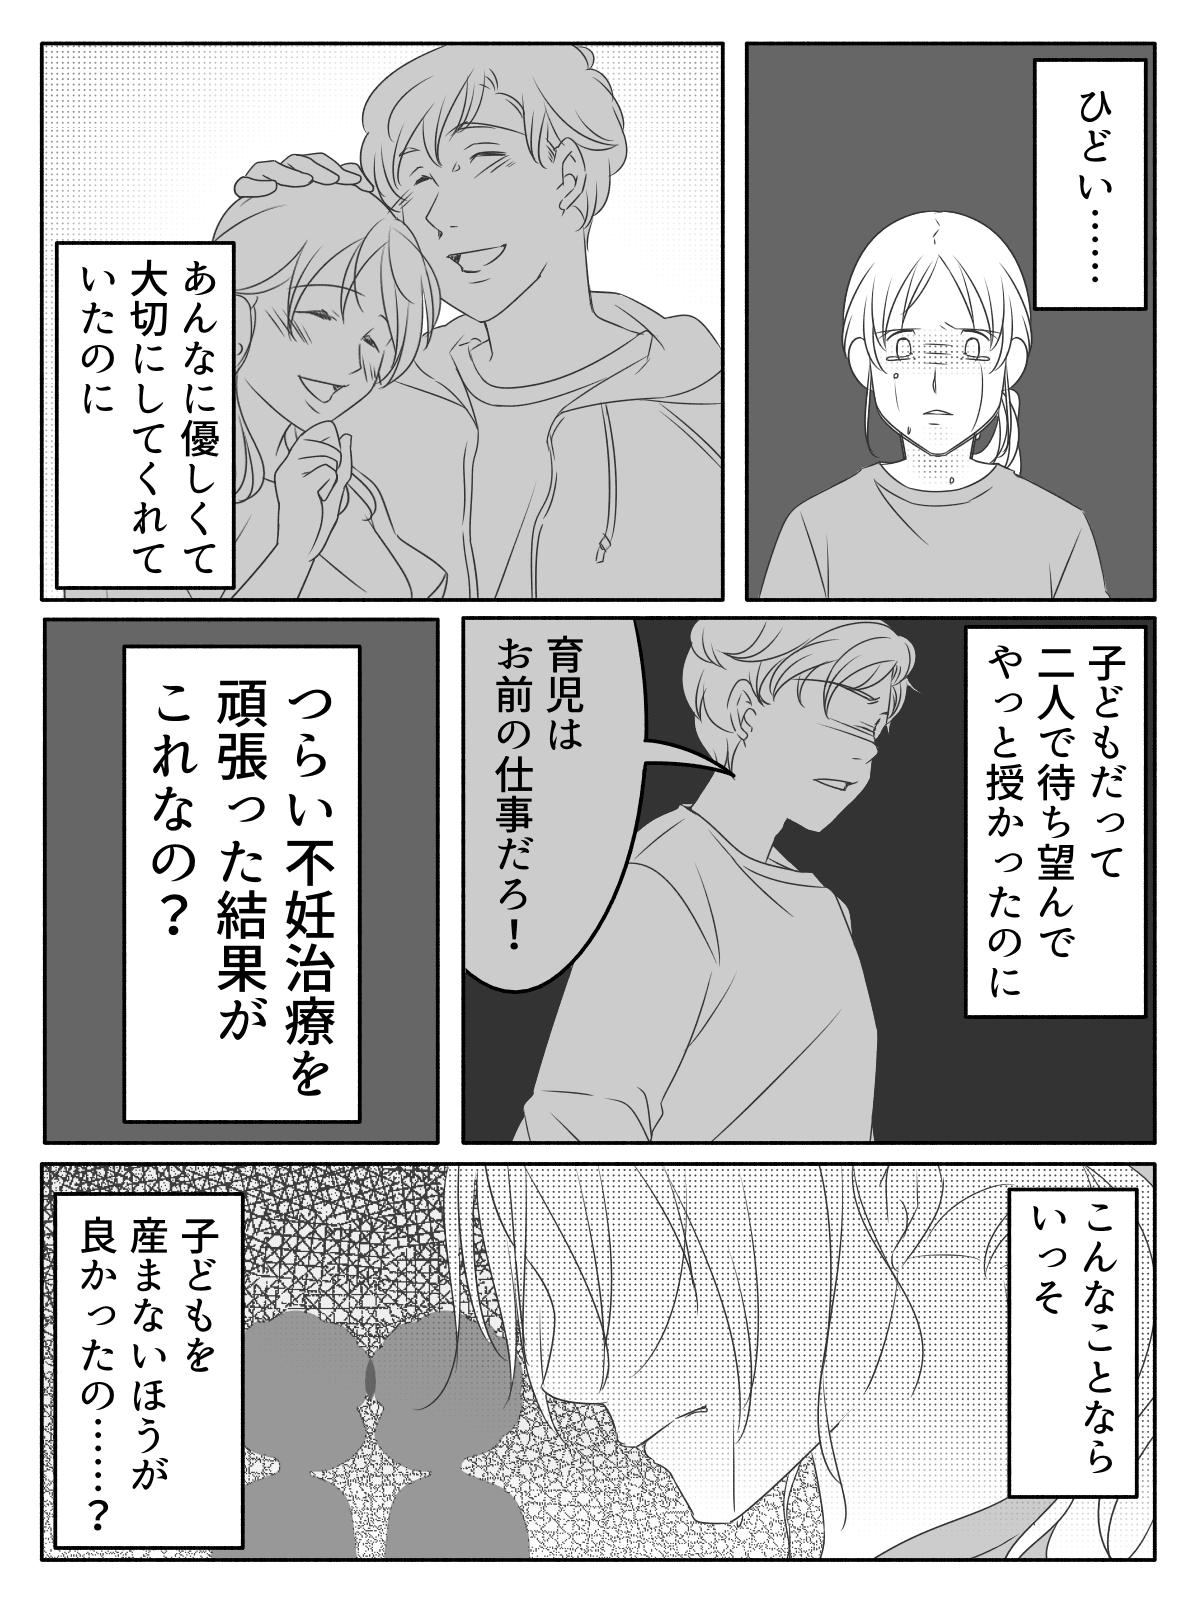 【完成版】419夫の浮気は私のせい?中02